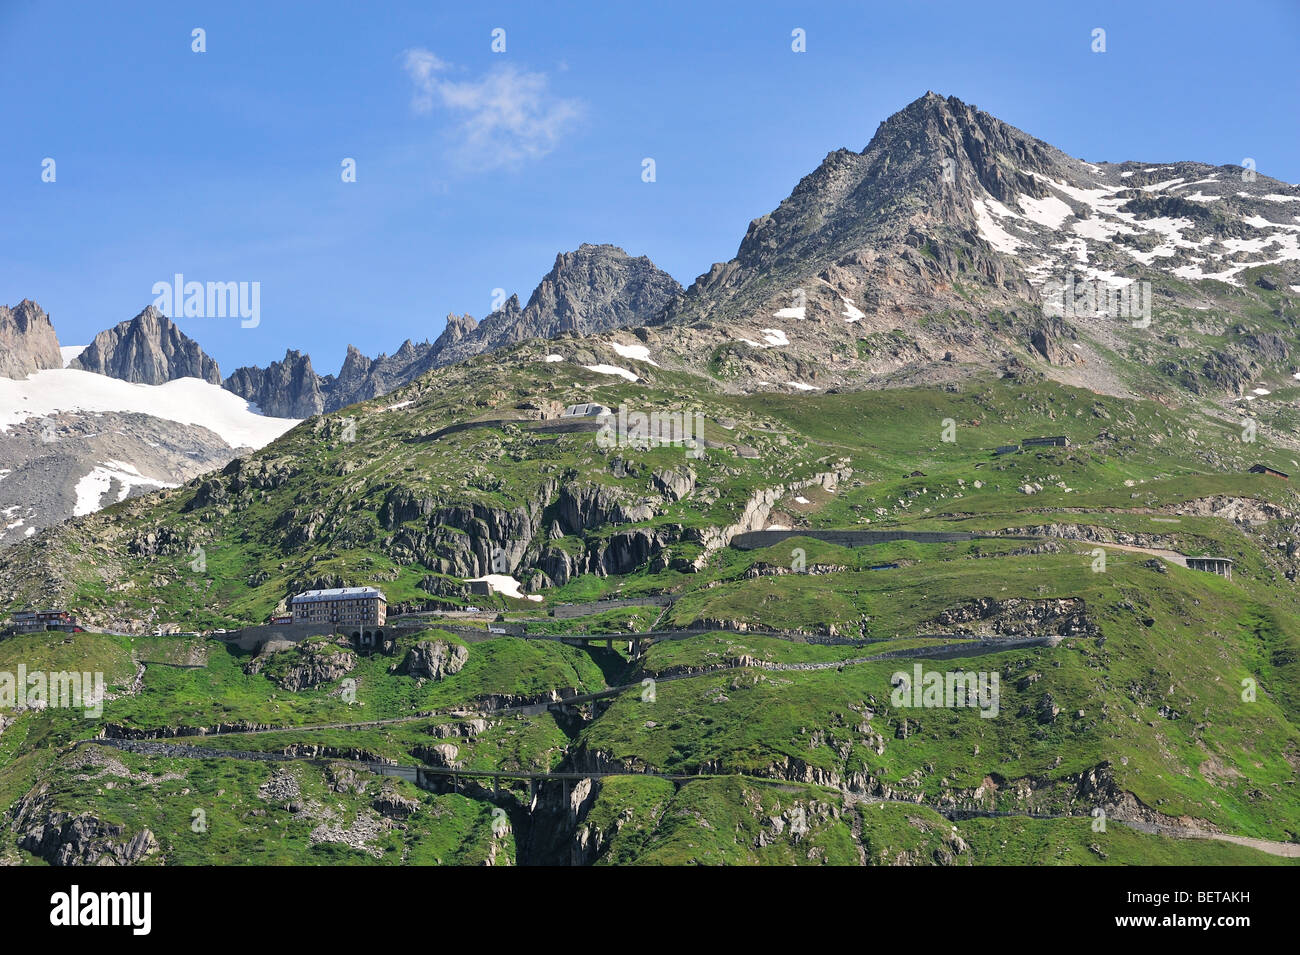 Strada tortuosa con tornanti oltre il Passo della Furka Pass nelle alpi svizzere, Svizzera Immagini Stock